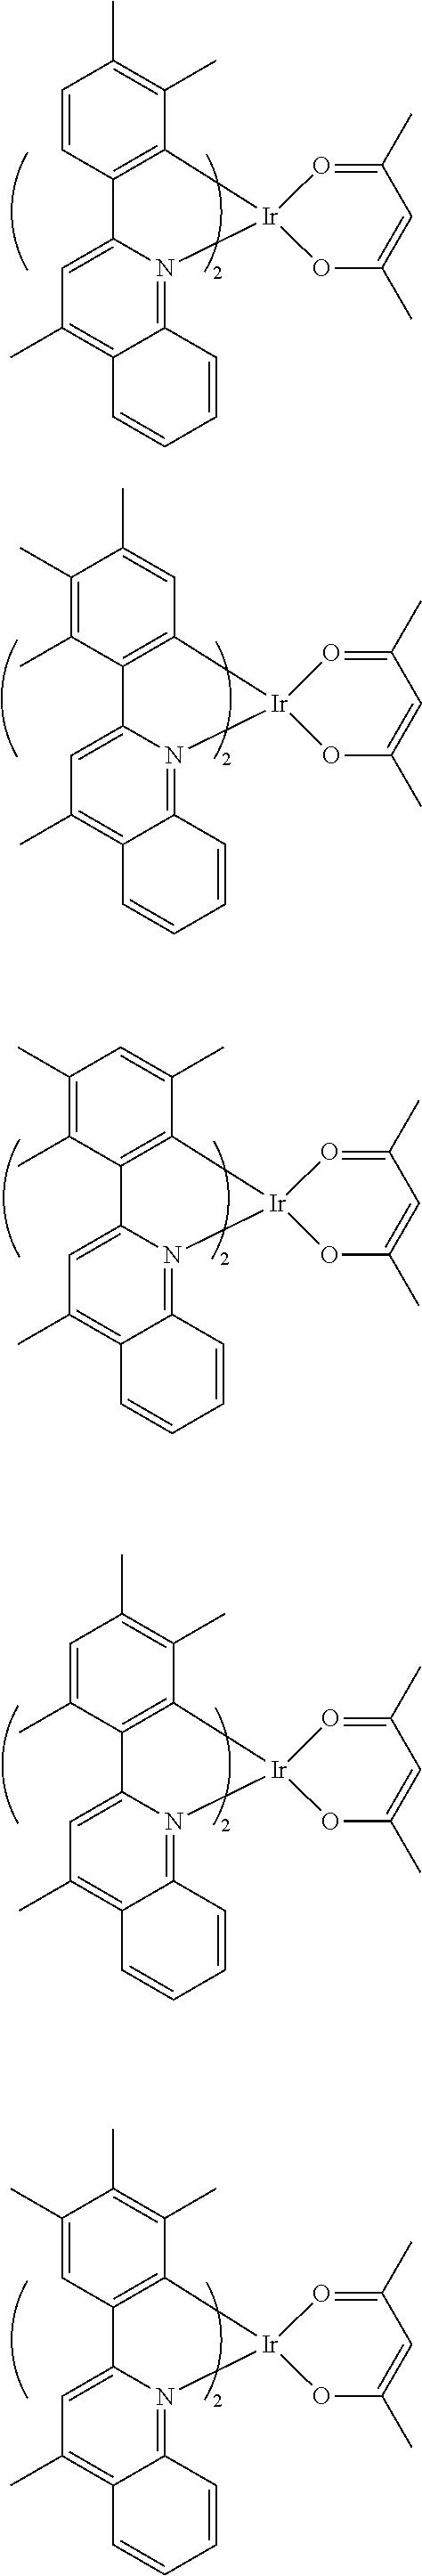 Figure US09324958-20160426-C00021